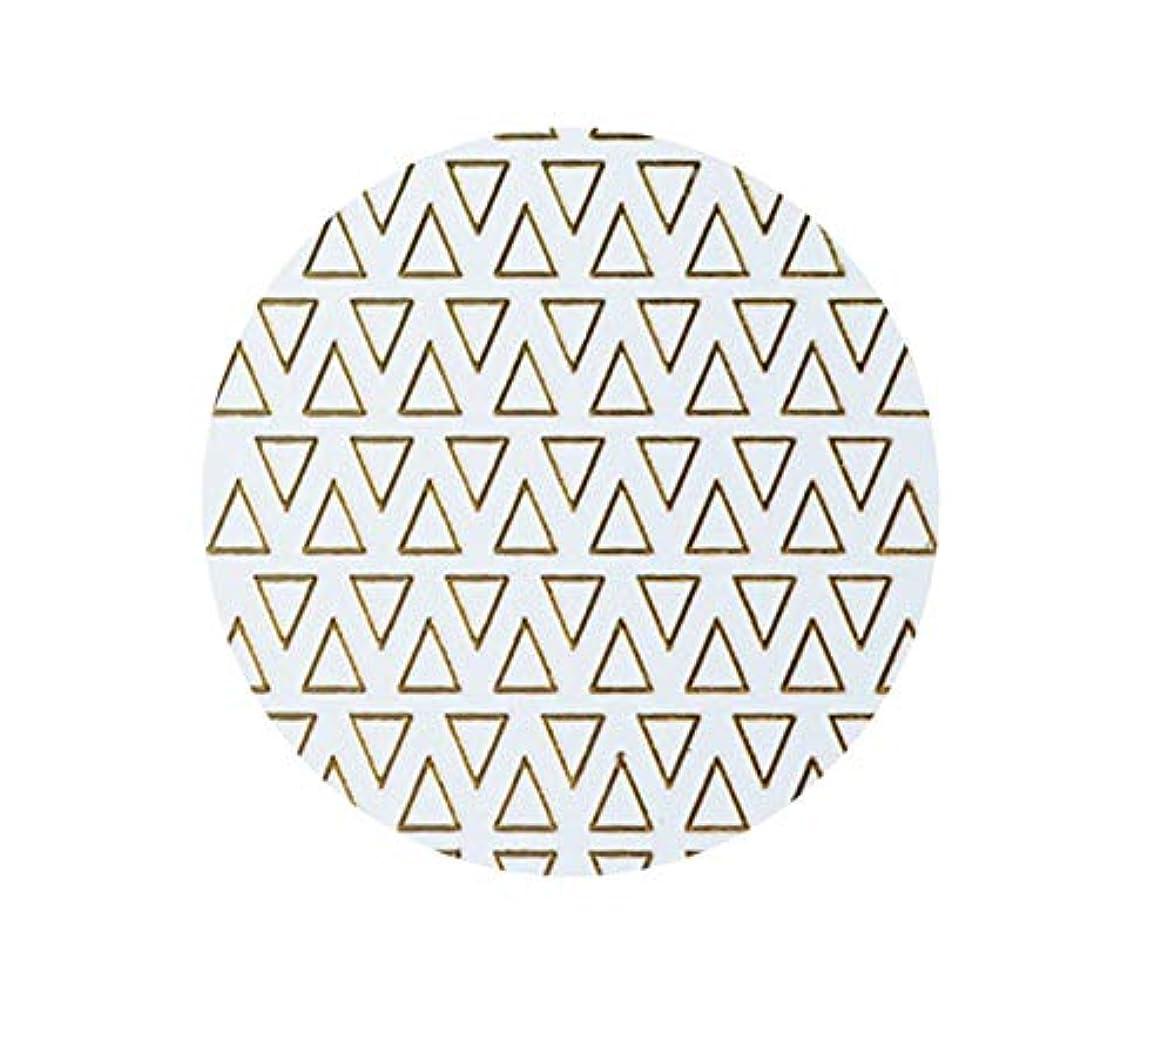 ドル音楽組み合わせゴールドフレームシェイプアップリケ金メッキ金属三角形オーバルネイルアートステッカーステッカー,T-8 small size trian